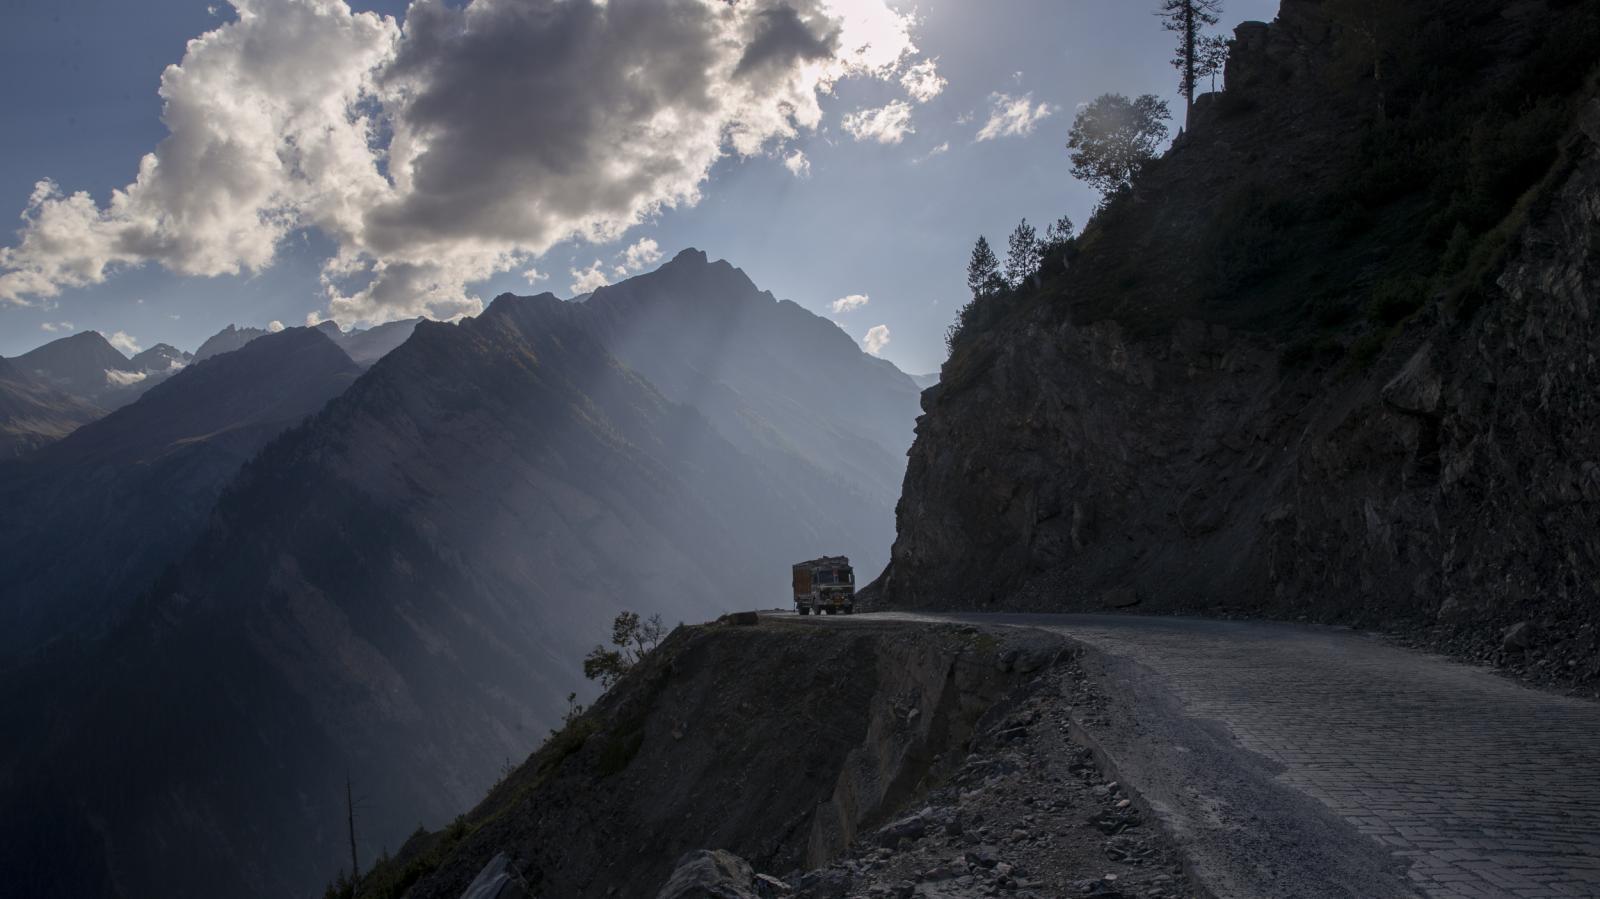 Stavba tunelu Z-Morh v regionu Ladak v indické části Kašmíru zajistí dopravní spojení mezi městy Kargil a  Šrínagar, které je v zimních měsících nedostupné a vytvoří spojnici do sousedního Pákistánu